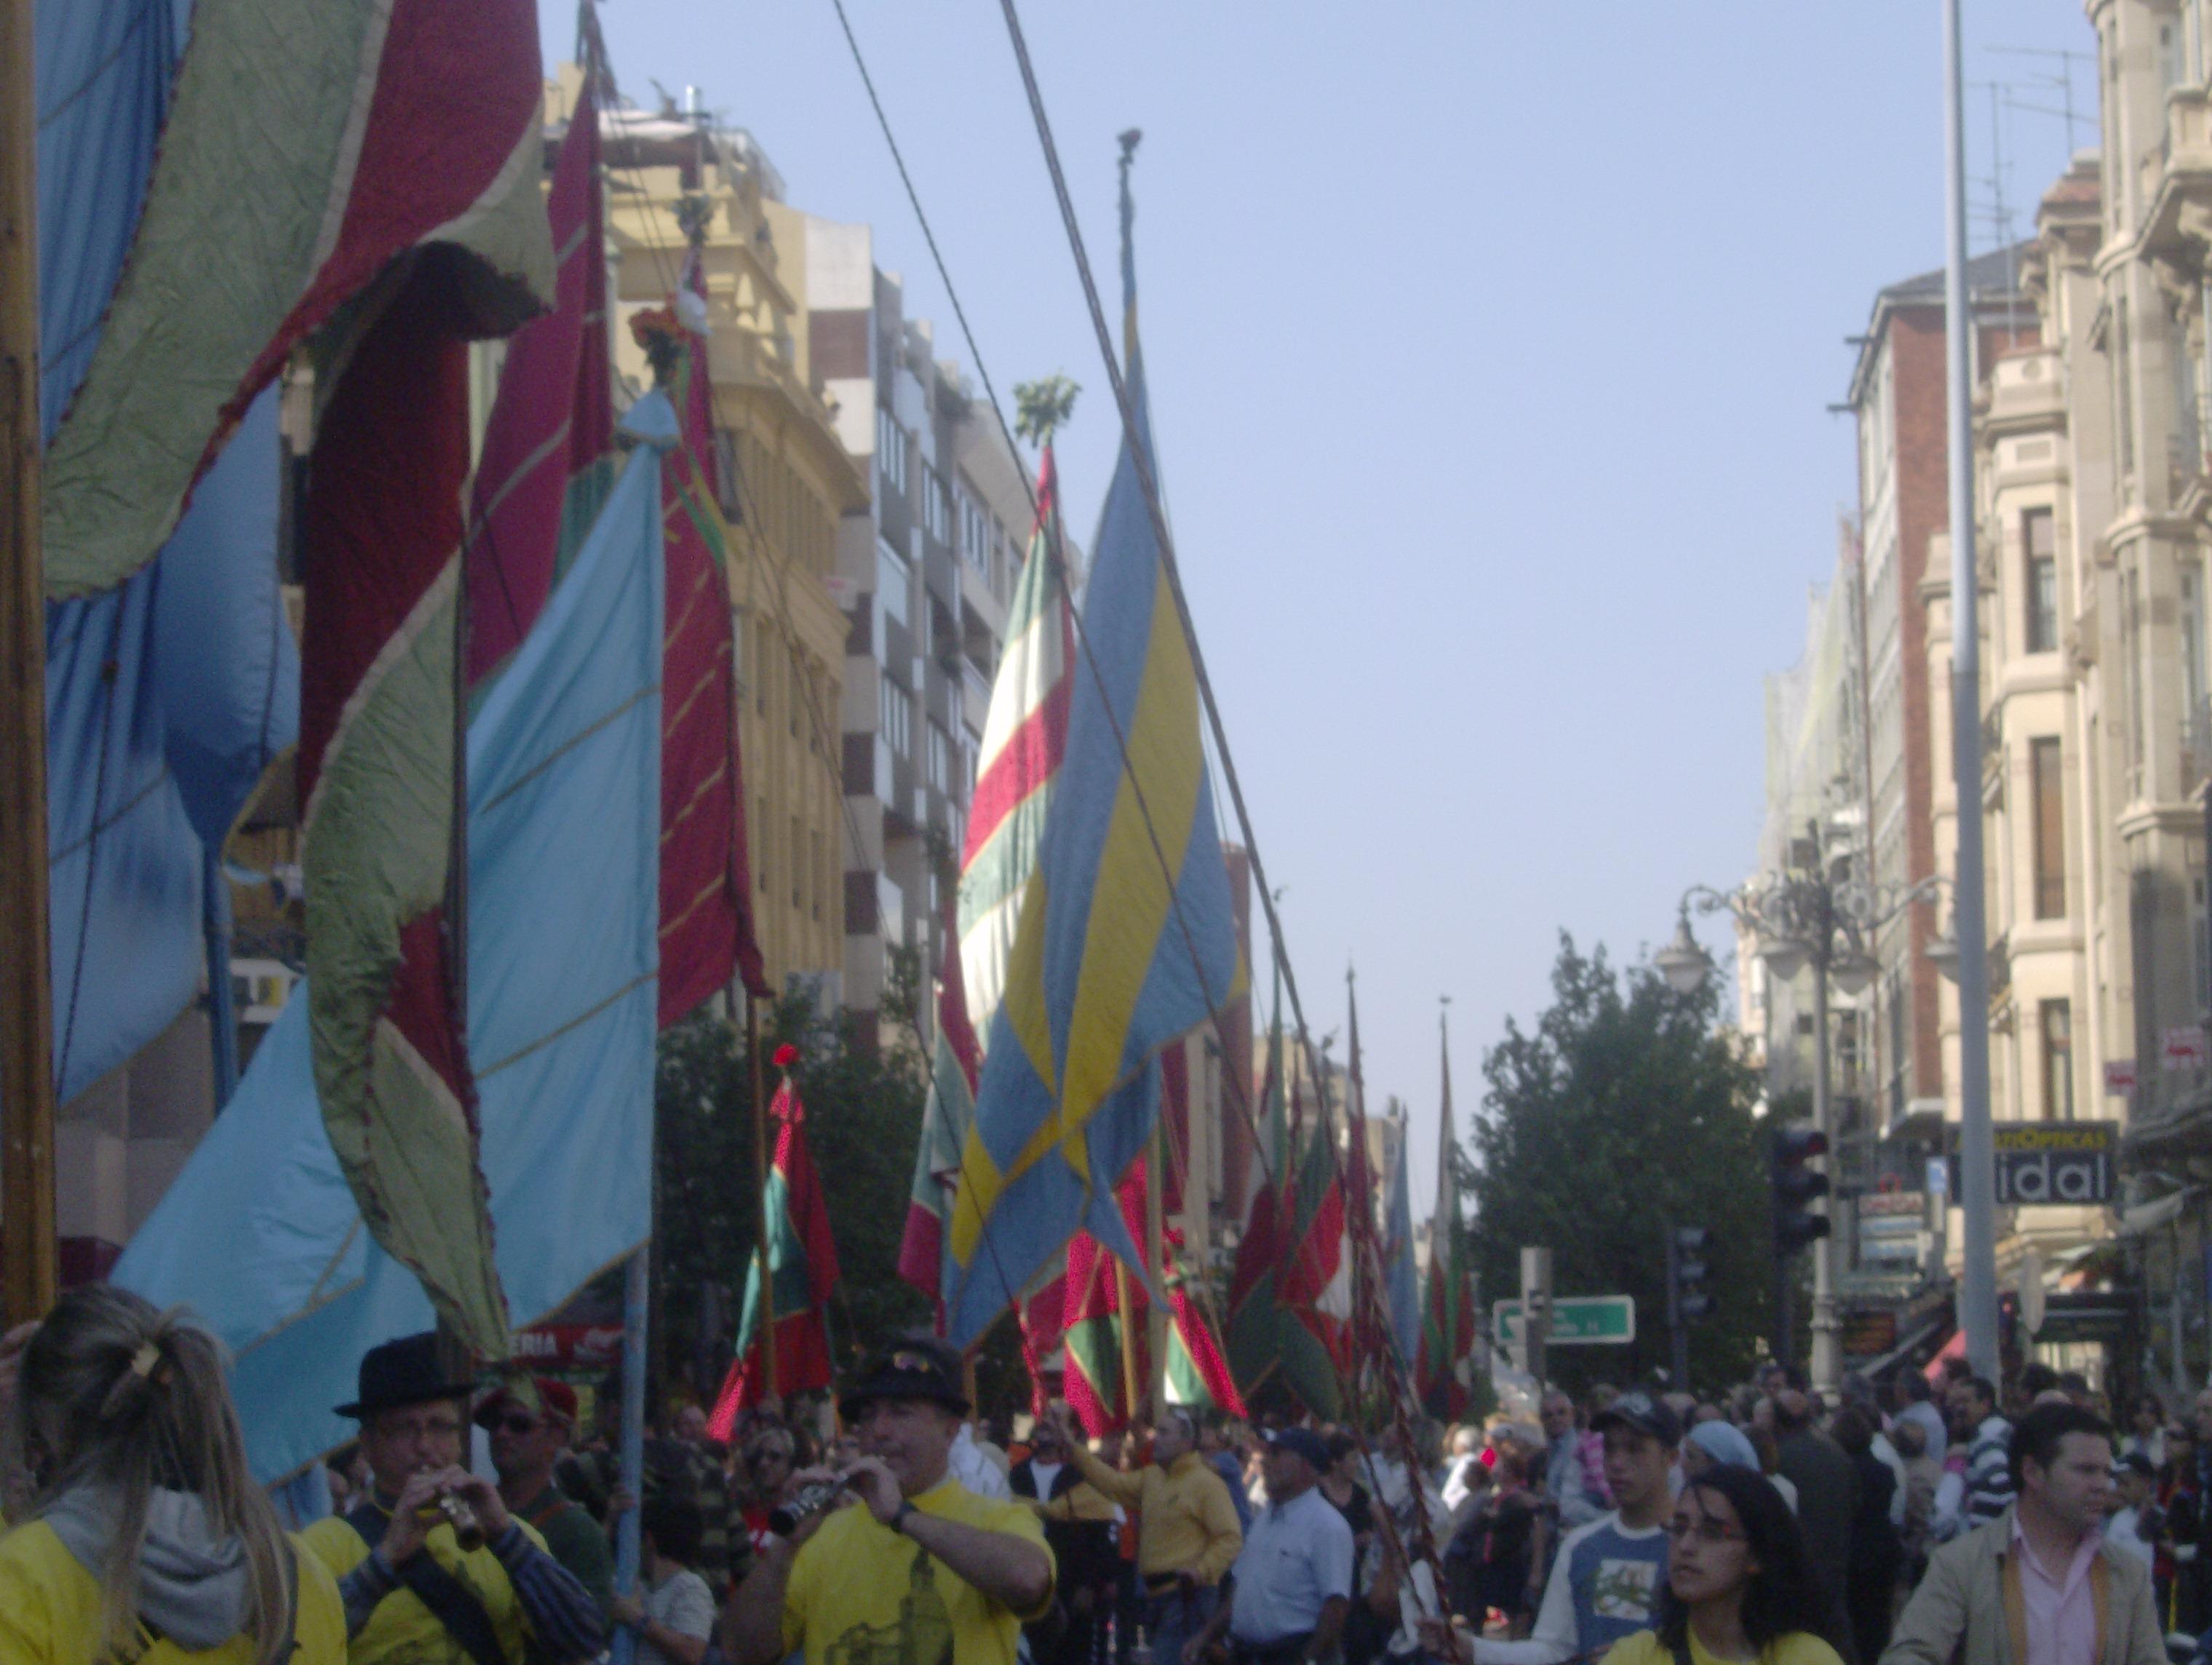 Los pendones en La Calle Ancha.